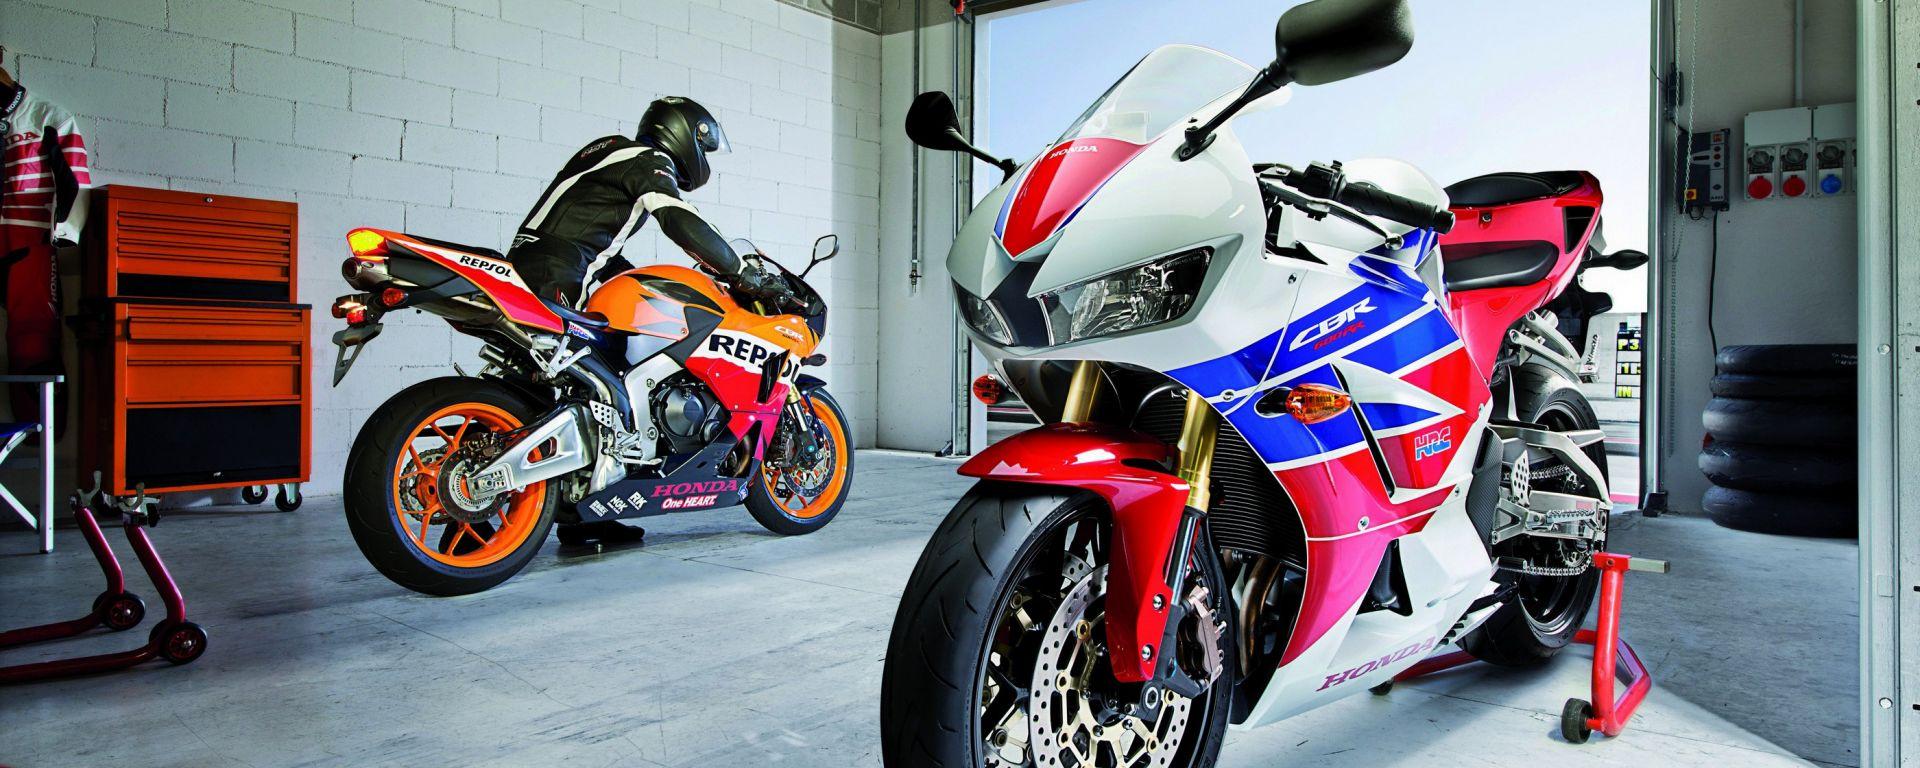 Honda potrebbe riportare in vita la CBR600RR... oppure no?